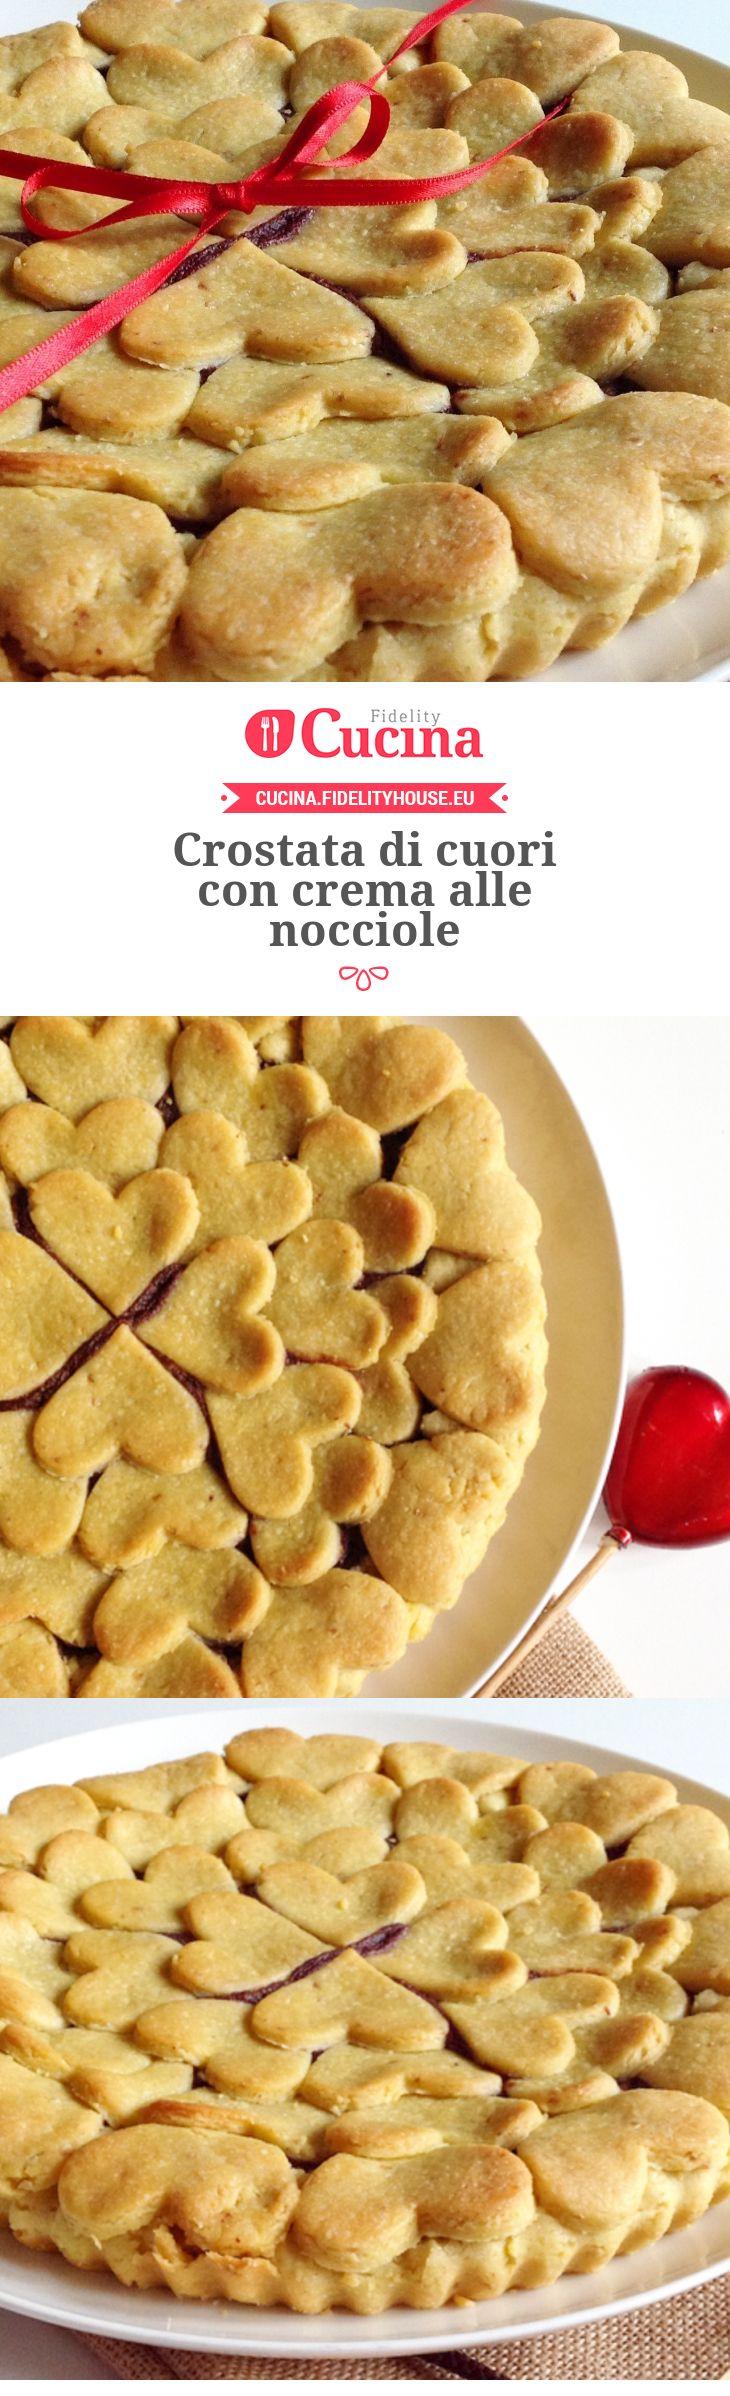 Crostata di cuori con crema alle nocciole della nostra utente Marta. Unisciti alla nostra Community ed invia le tue ricette!